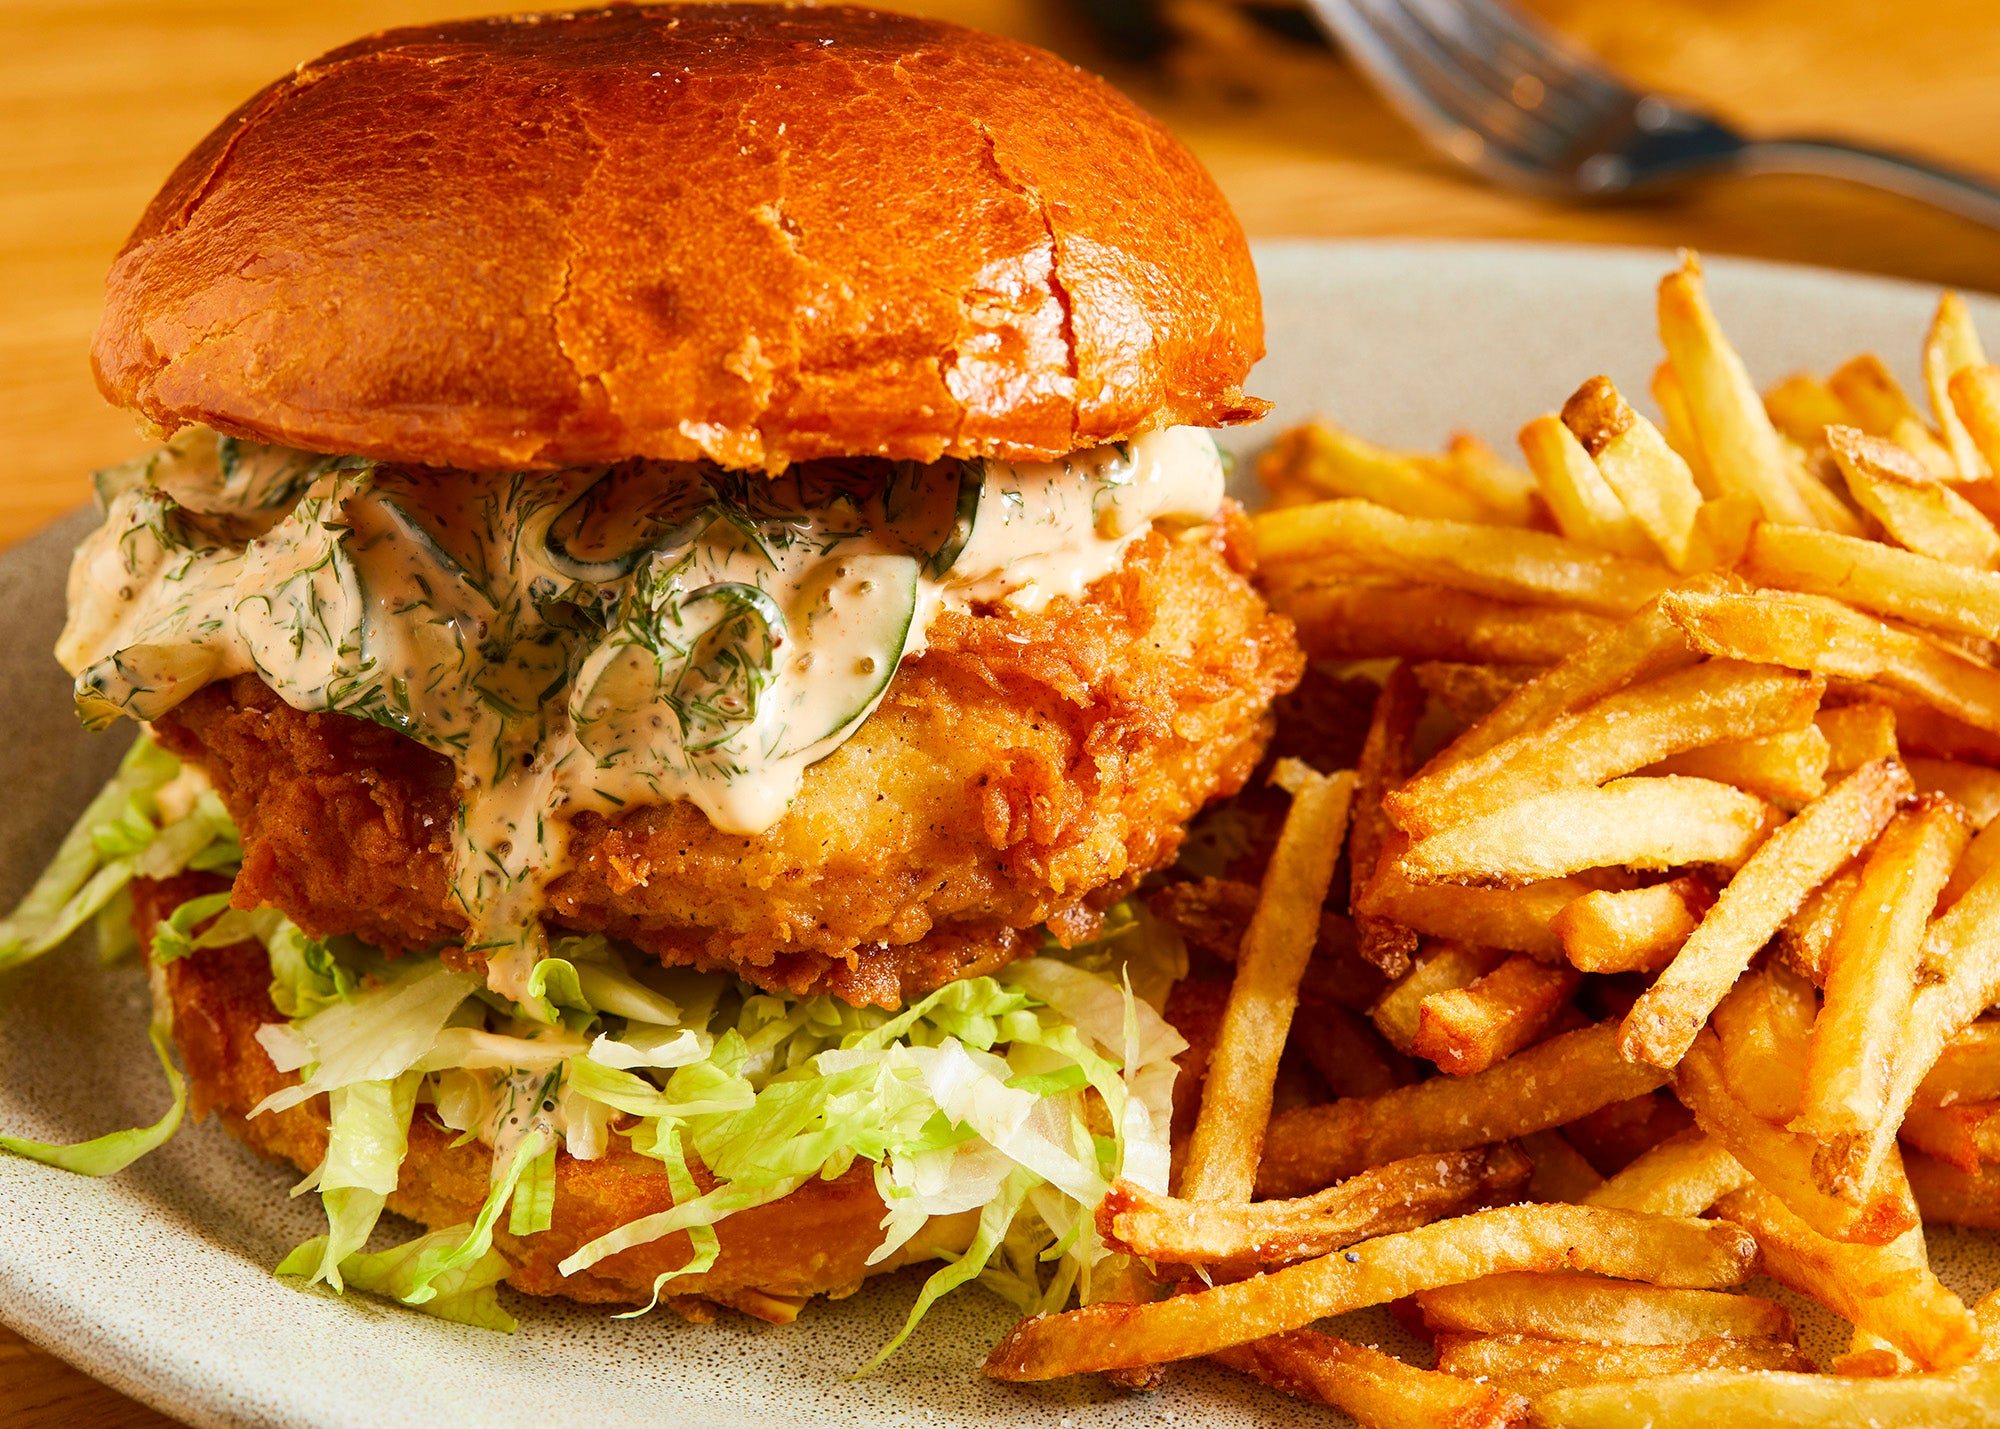 The chicken sandwich at LUCIE drink + dine